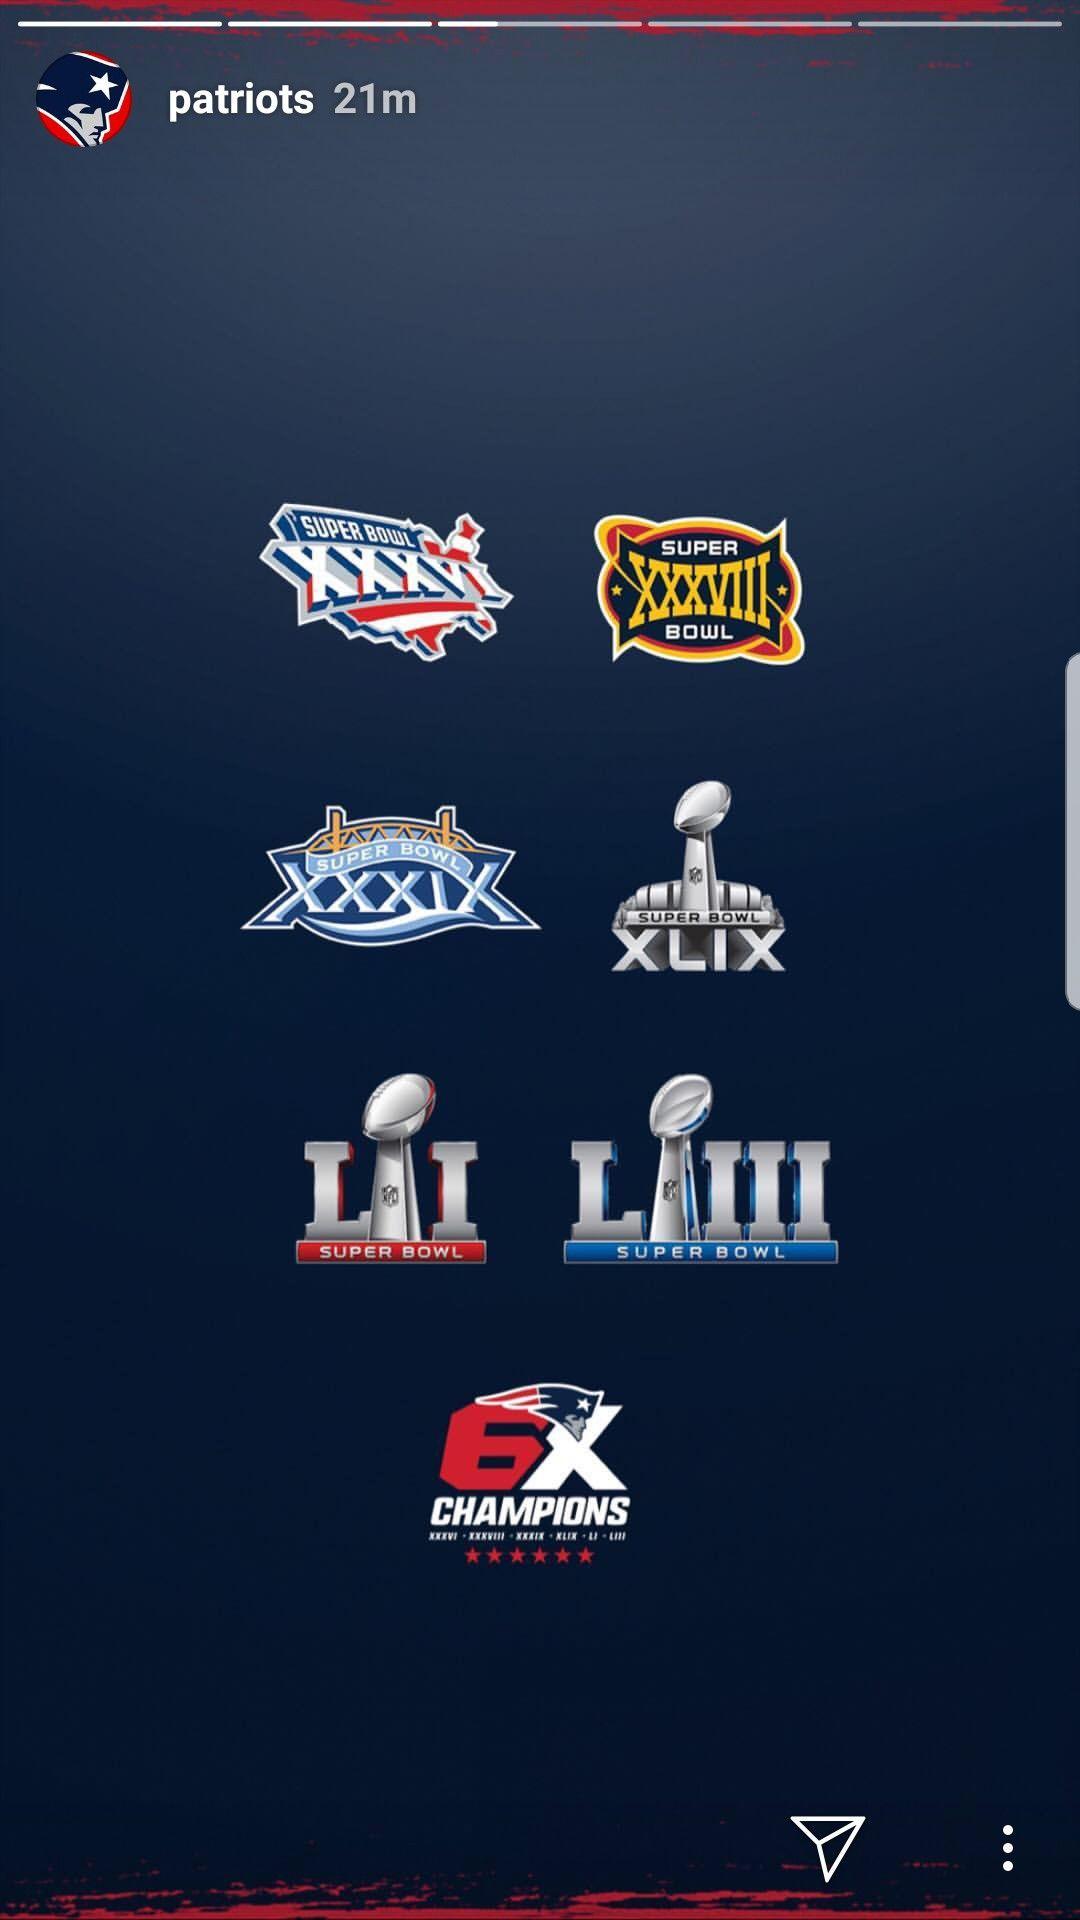 Vi Championships New England Patriots Patriots Iphone Wallpaper